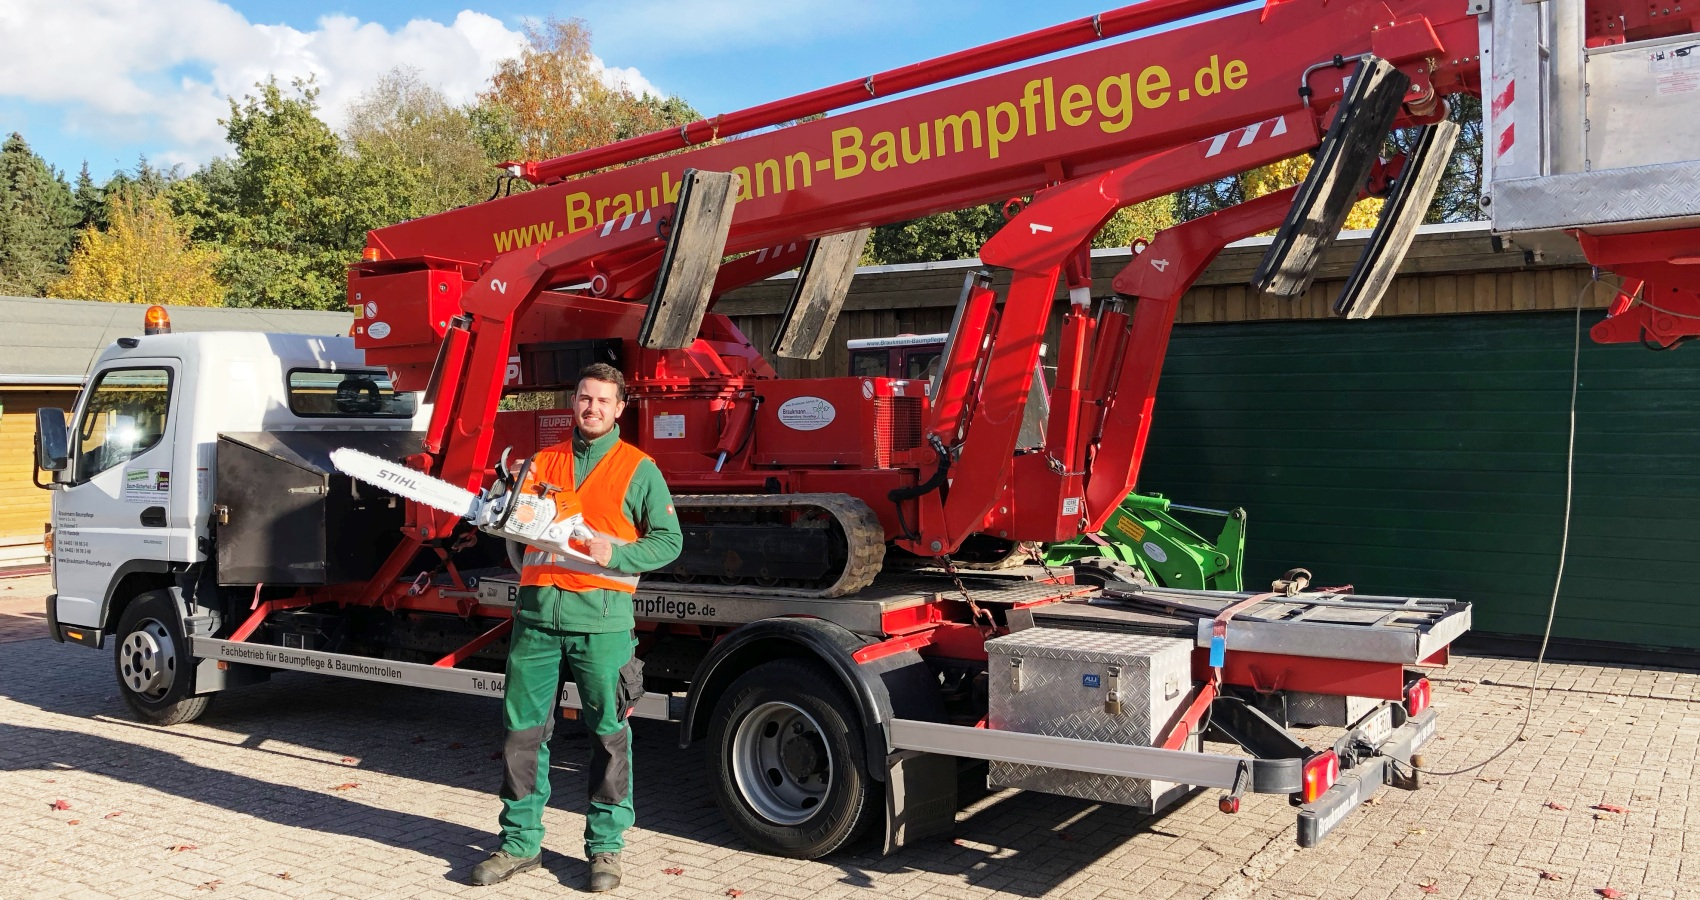 Braukmann- Baumpflege motiviert seine Mitarbeiter mit Tollen Arbeitsgeräten.